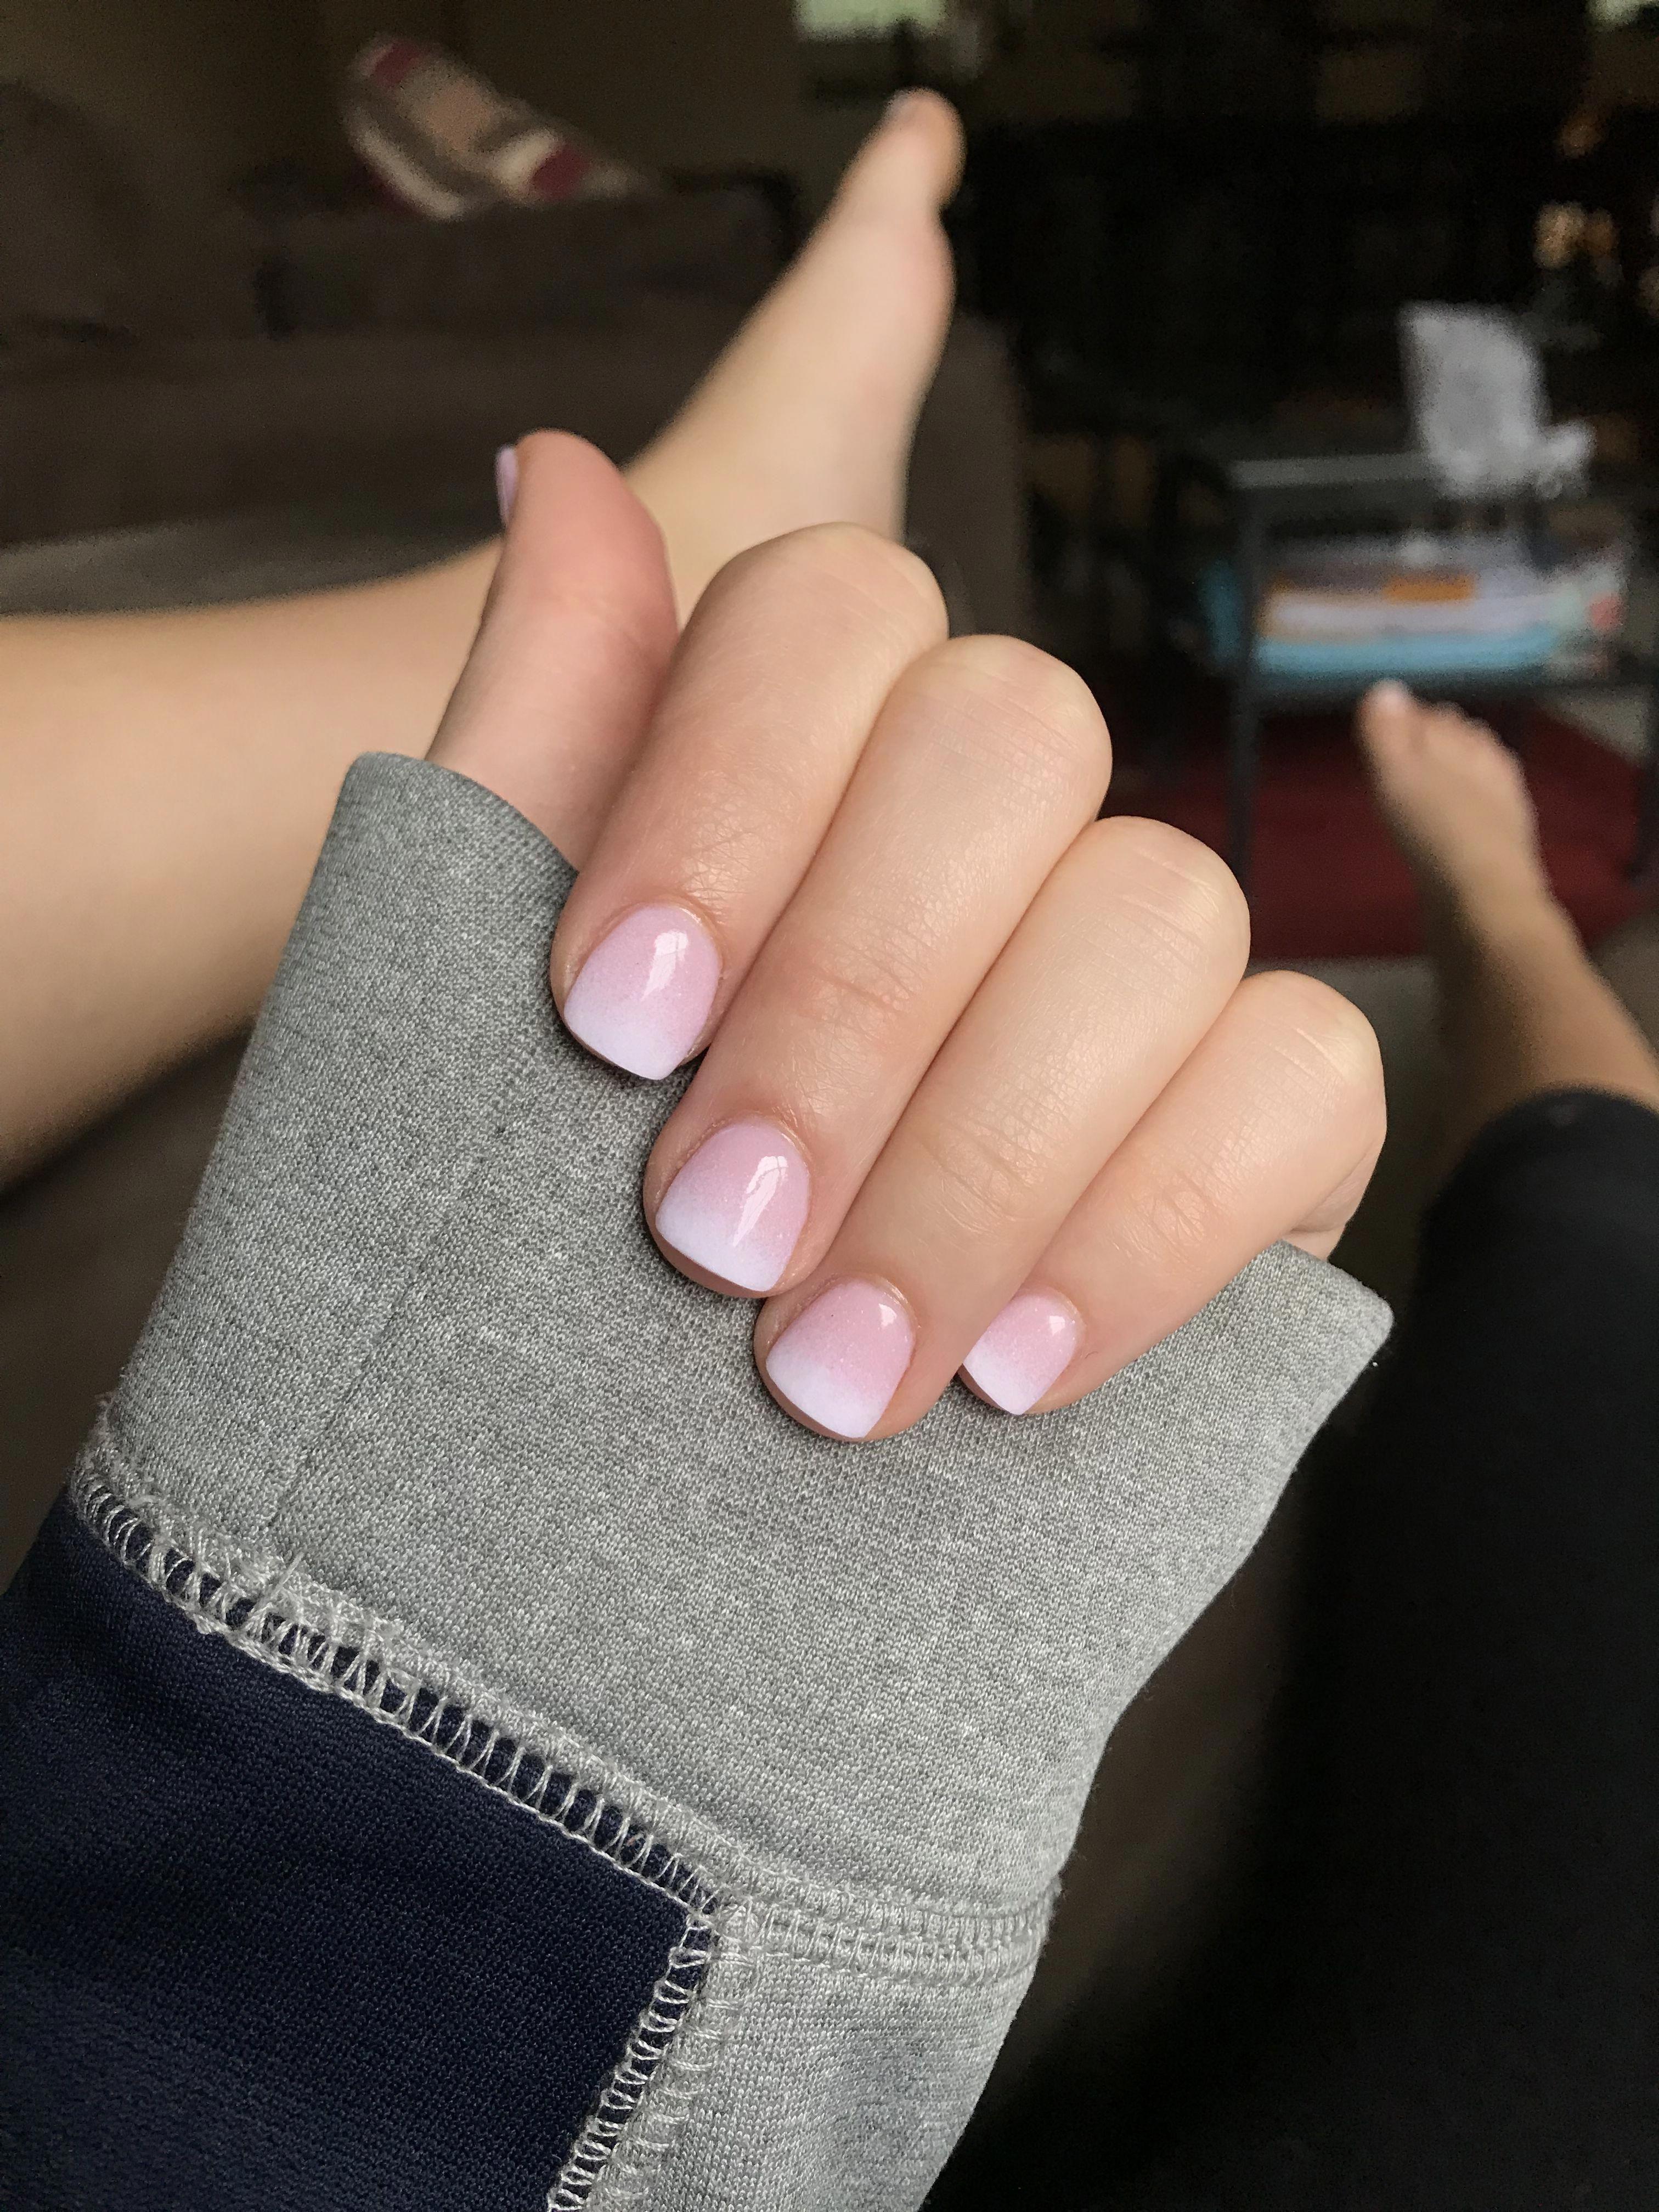 No Acrylics Or Fake Tips My Natural Nails With Just The Powder Makes Them Look Thick And Gives The Acrylic Look Dipped Nails Short Acrylic Nails Powder Nails